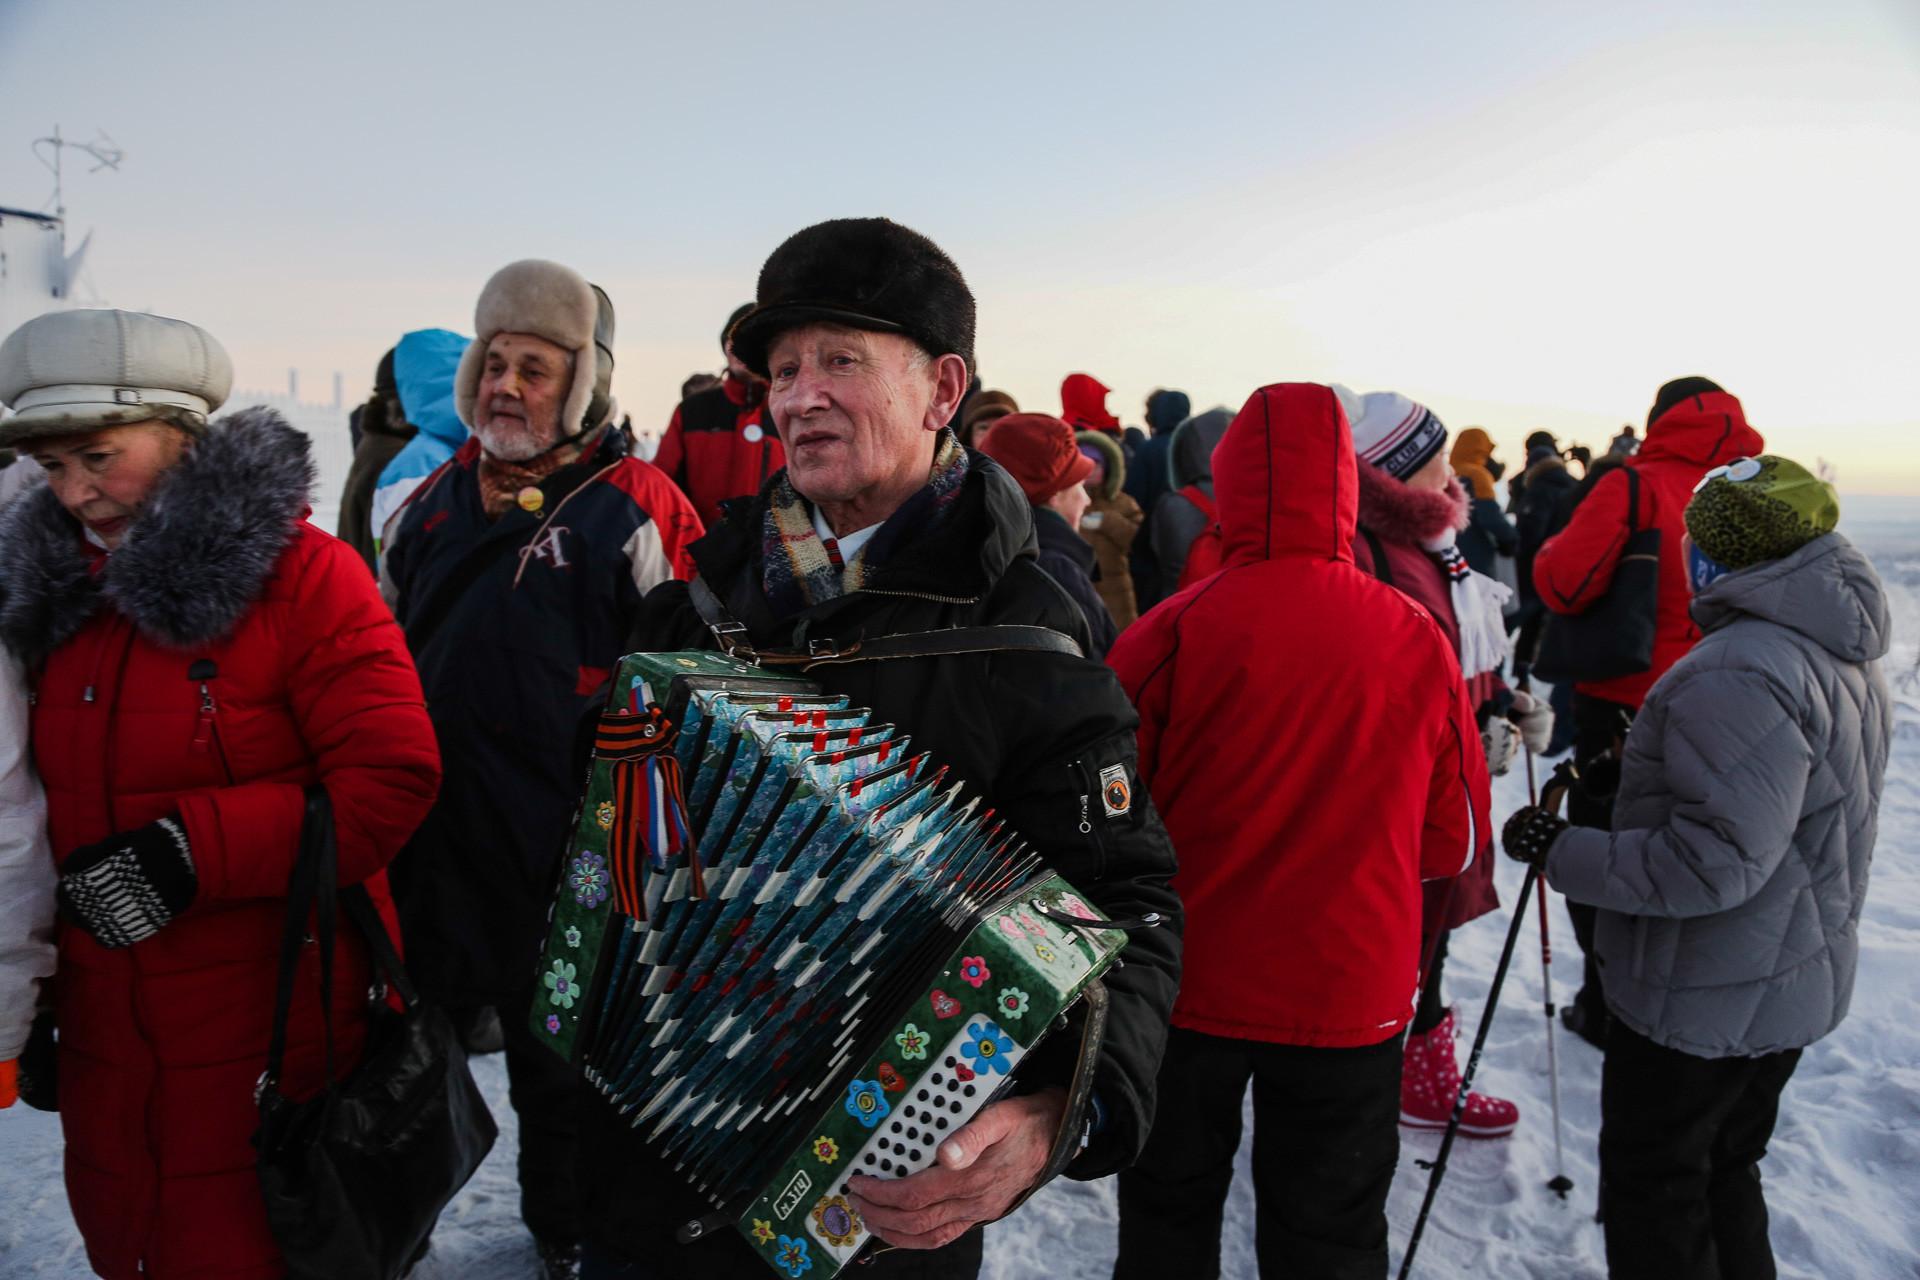 O sol aparece tão pouco durante o inverno na região que faz sentido celebrá-lo com música.